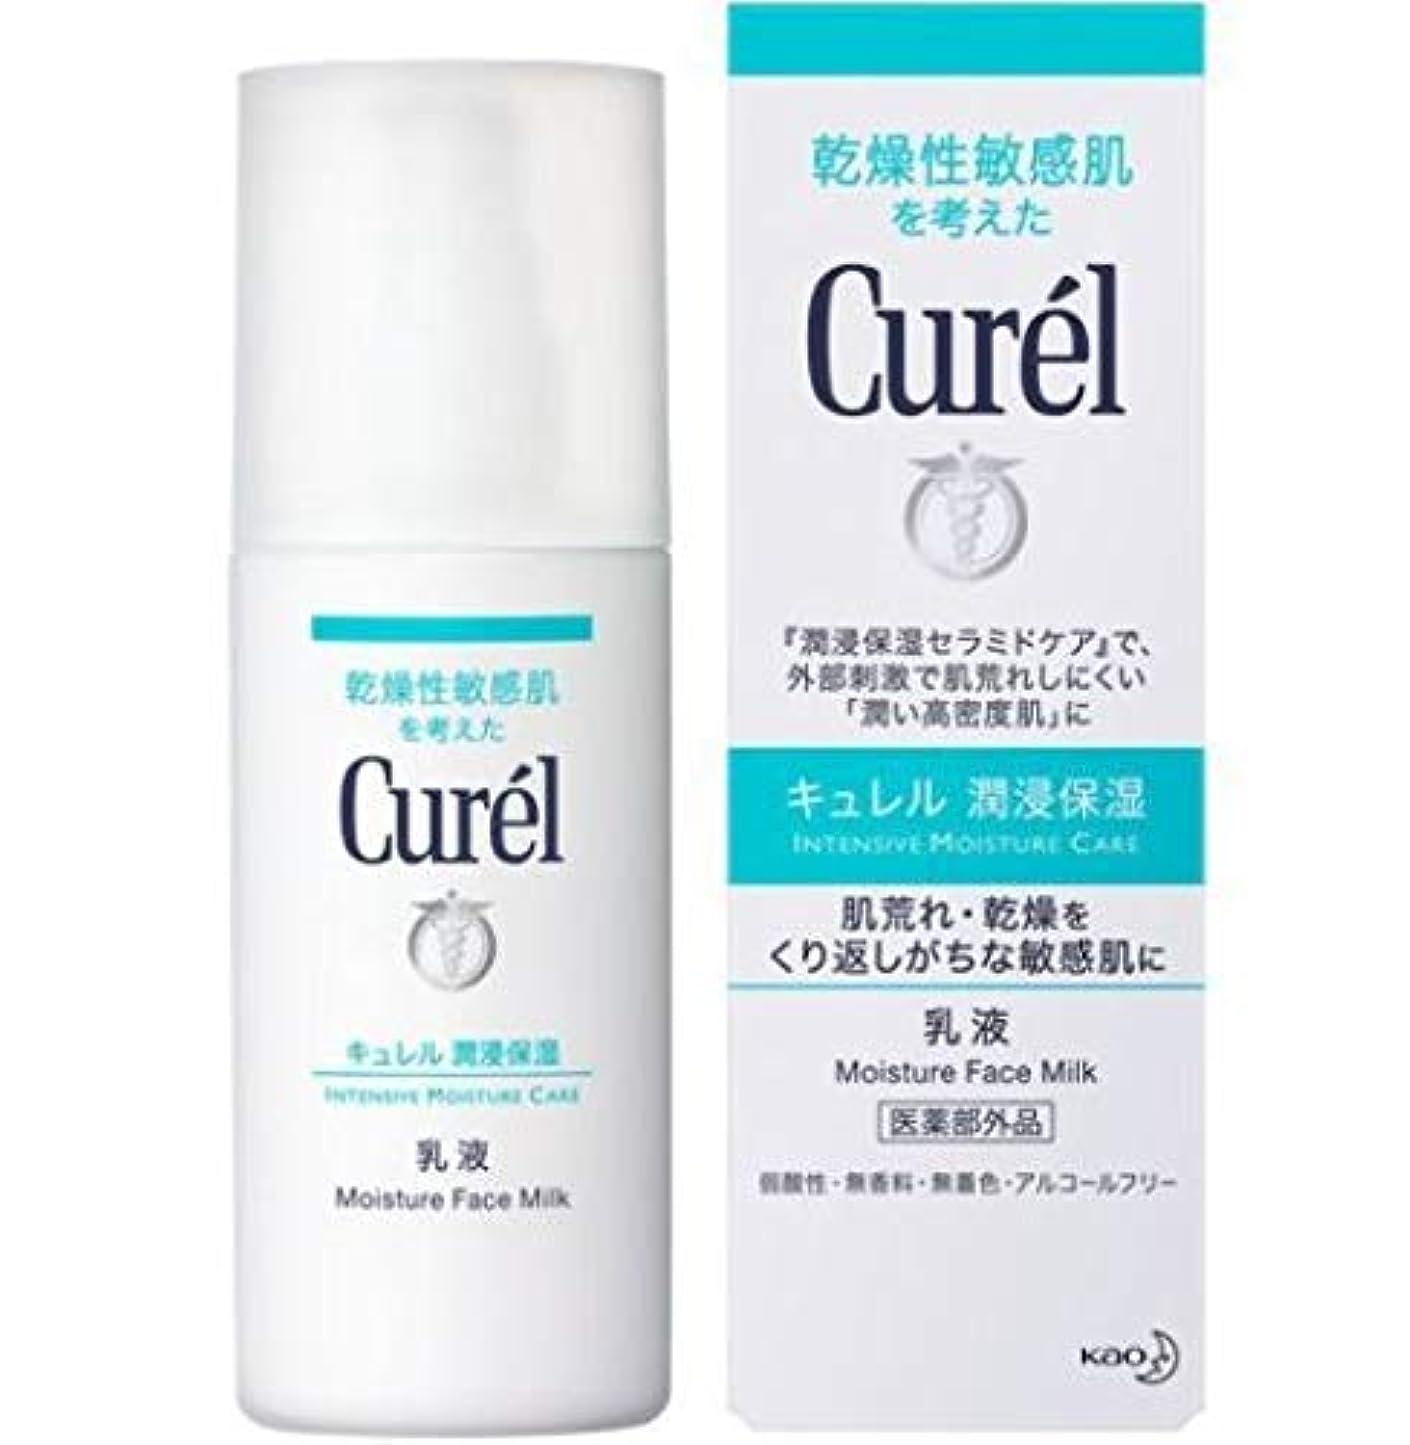 重力要件明示的にCurél キュレルの保湿集中治療保湿フェイスミルクは120ミリリットルは、お肌の自然なバリア機能を向上させ落ち着かせると乾燥から肌を保護するために-helps